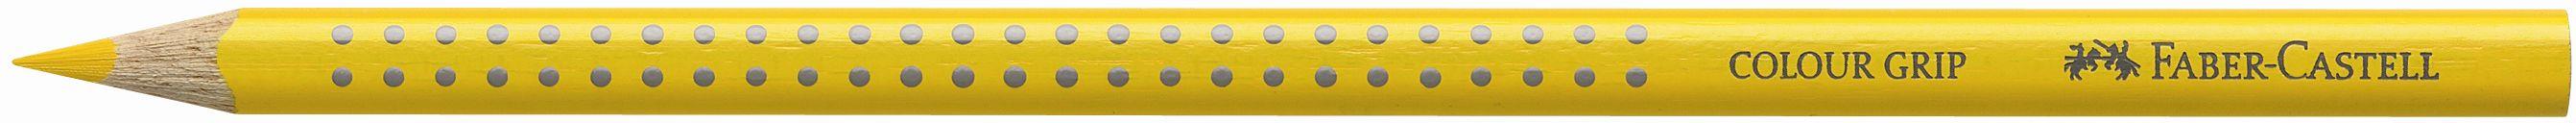 Pastelka Color Grip / 107 kadmiová žlutá Faber Castell - Akvarelové pastelky Faber Castell - Akvarelové pastelky